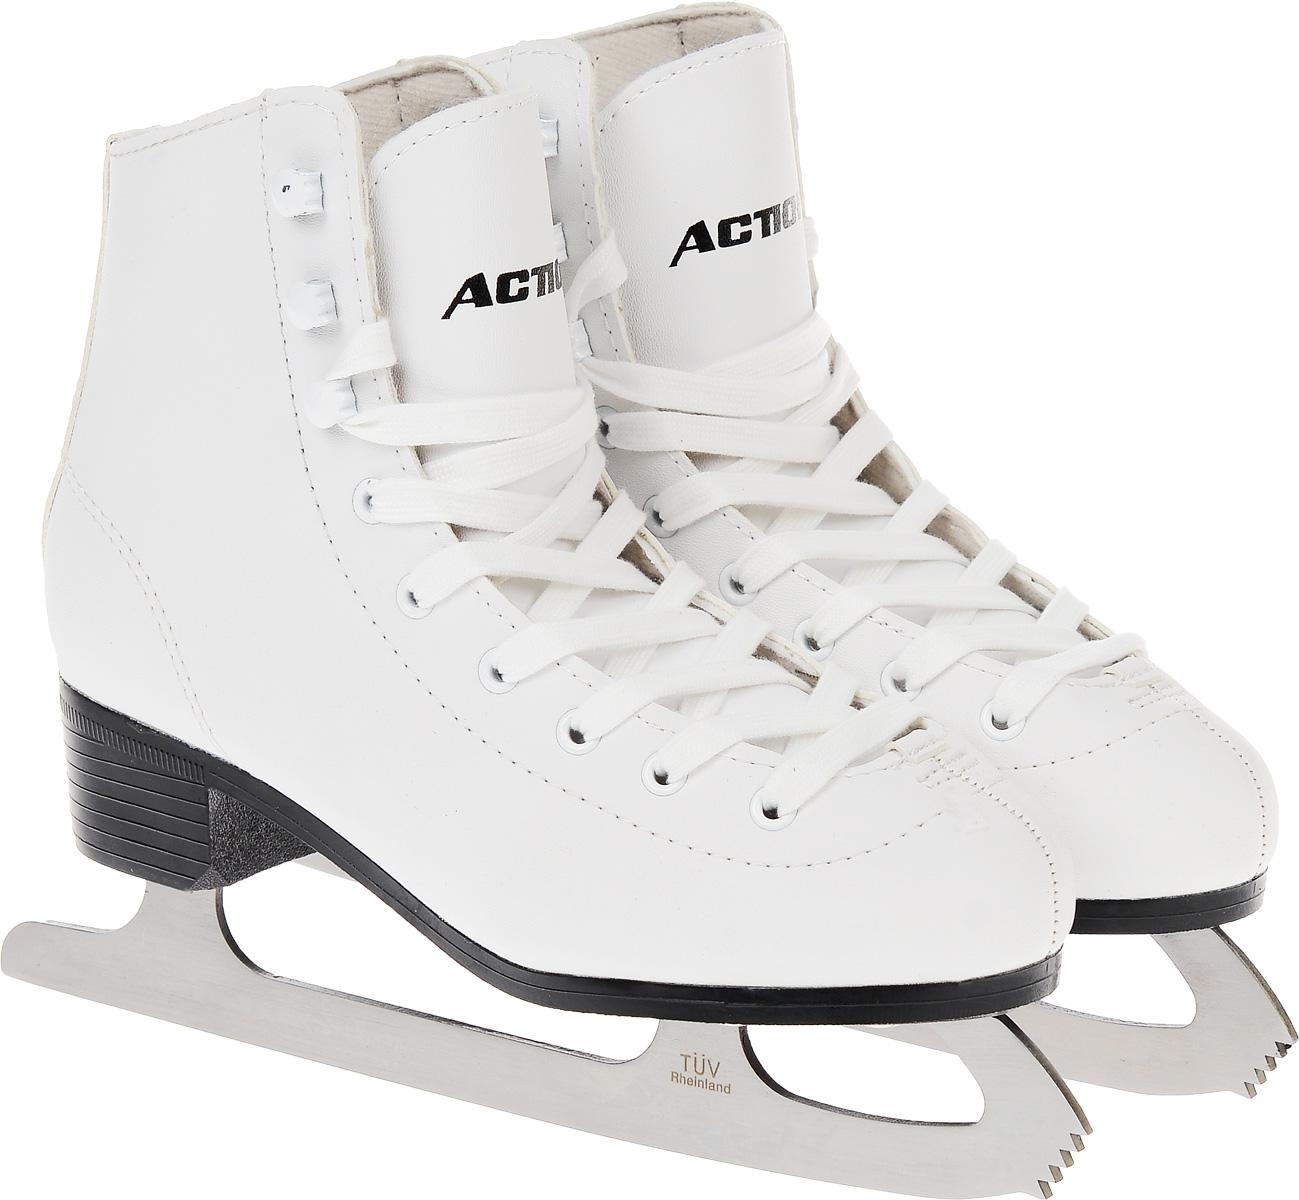 Коньки фигурные женские Action Sporting Goods, цвет: белый. PW-215. Размер 37PW215Высокий классический ботинок идеально подойдет для любительского катания. Модель снабжена системой быстрой шнуровки и поддержкой голеностопа. Верх ботинка выполнен из высококачественной искусственной кожи, подошва - твердый пластик. Лезвие изготовлено из нержавеющей стали со специальным покрытием, придающим дополнительную прочность.